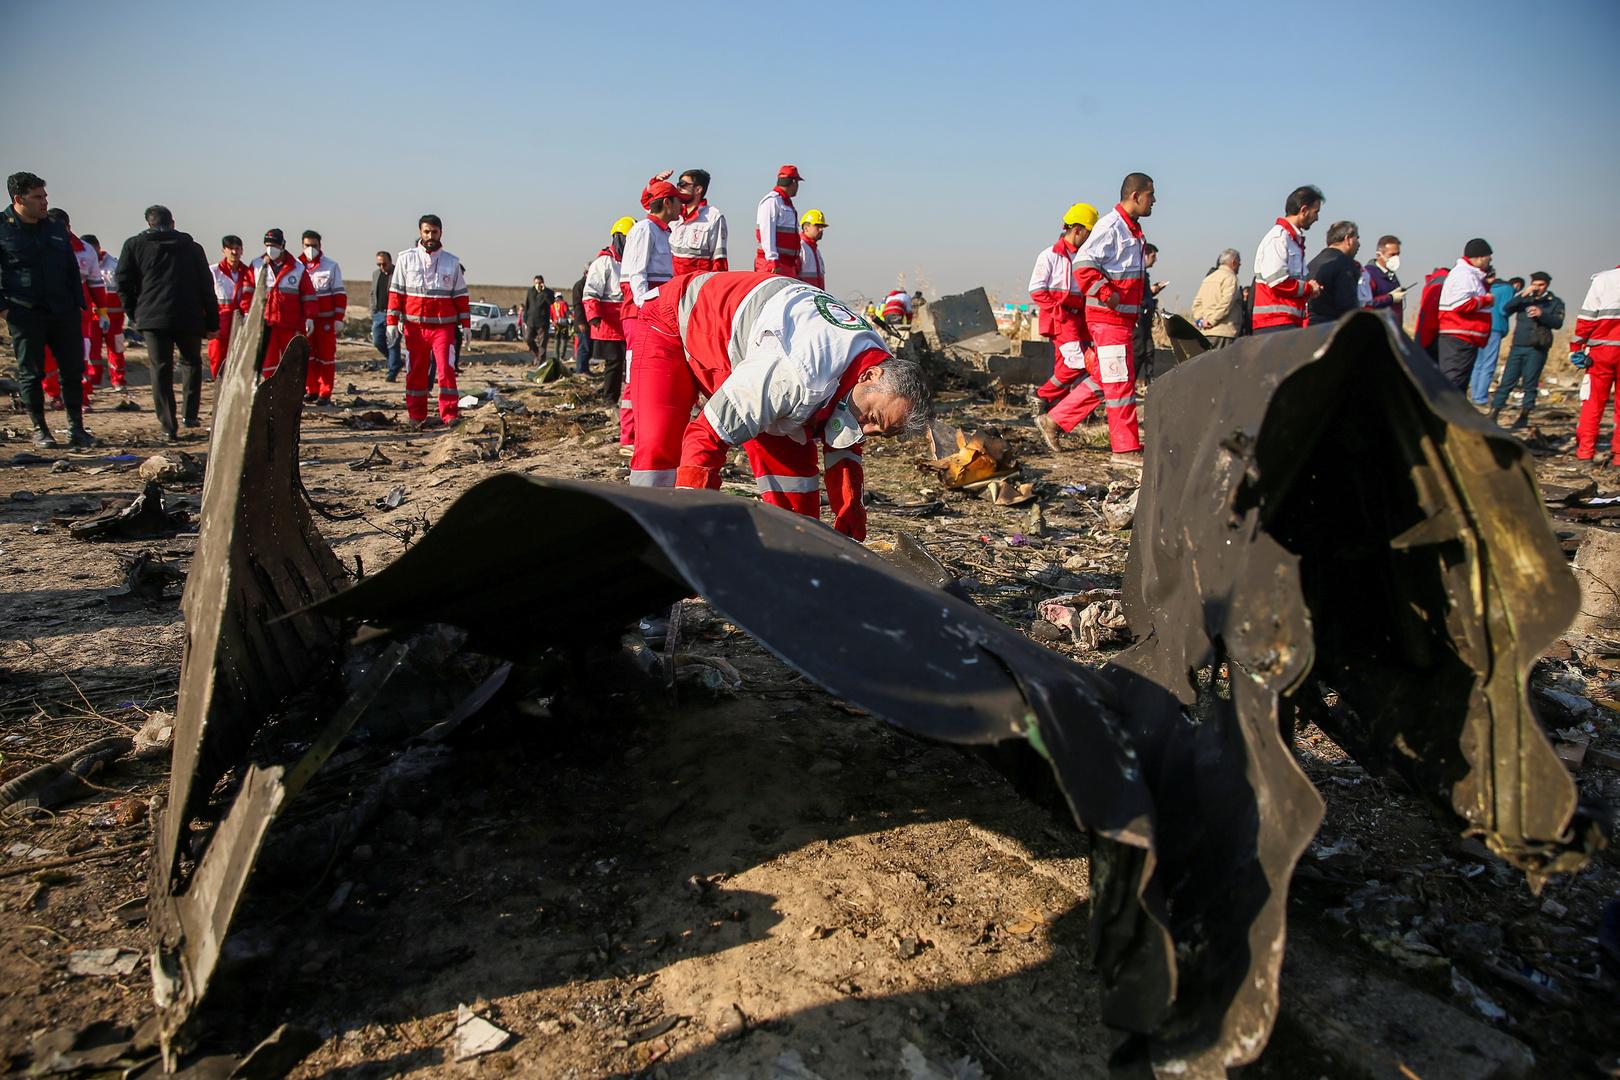 أوتاوا: 57 كنديا بين ضحايا الطائرة الأوكرانية وليس 63